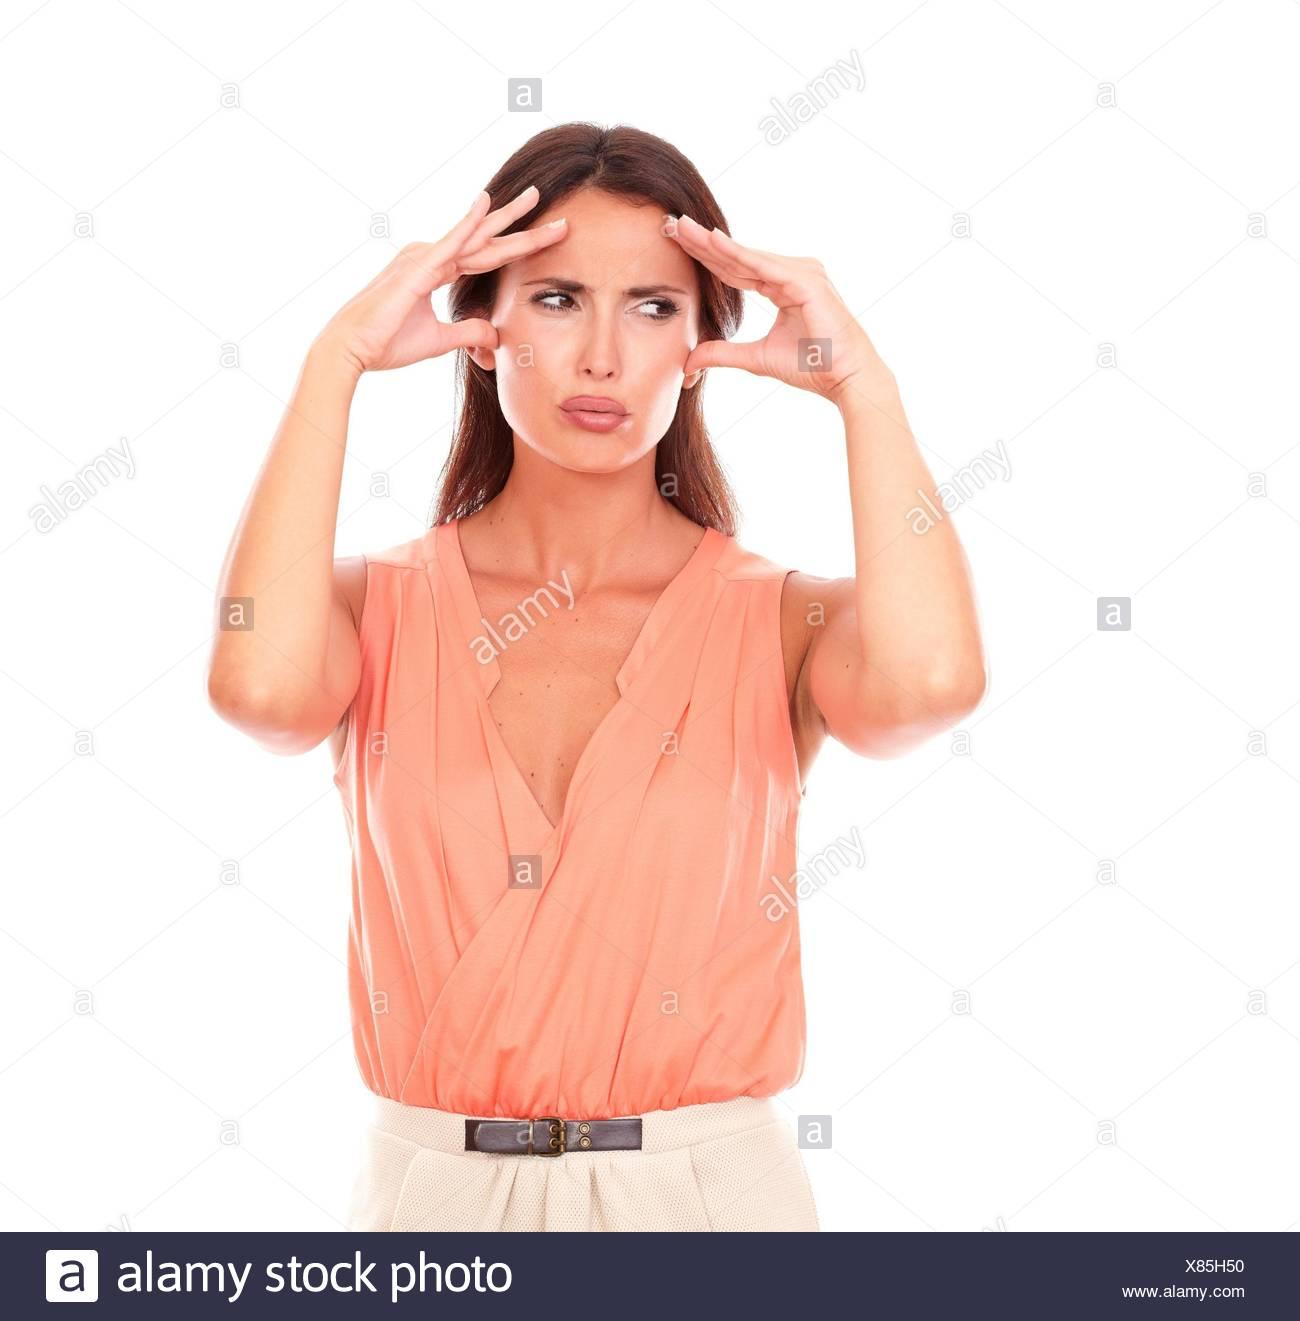 Schöne Frau leidet unter Migräne mit Hand auf den Kopf und Suchen zu Ihrer Rechten in weißen Hintergrund - Copyspace. Stockbild